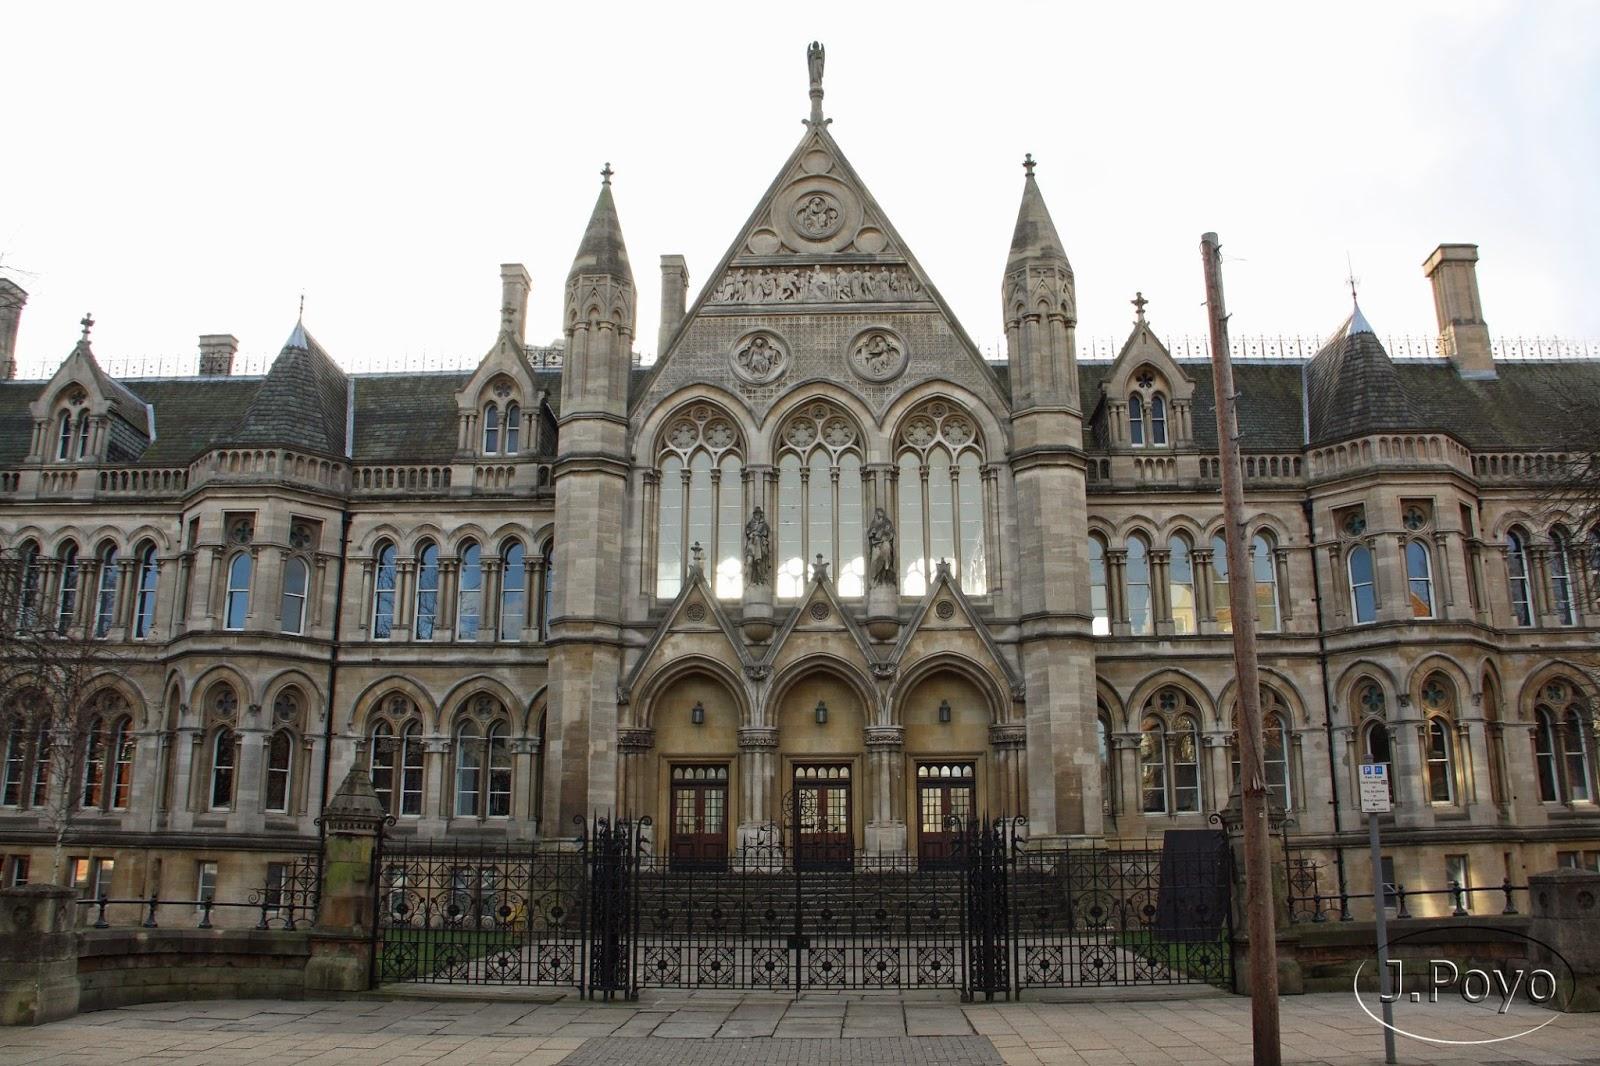 Nottigham Trent University